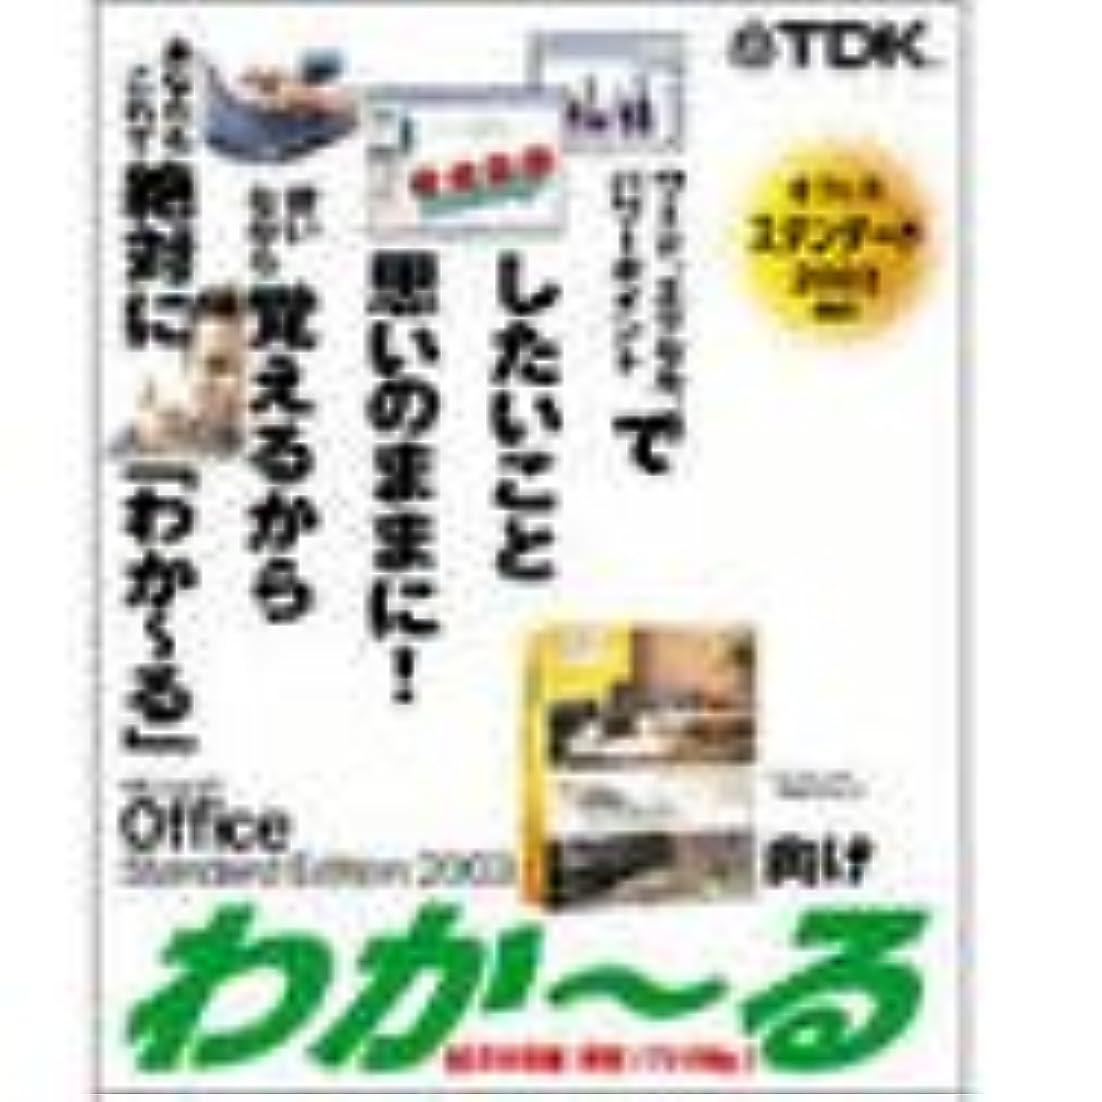 カートリッジデンマーク上院議員Microsoft Office Standard Edition 2003向け わか~る